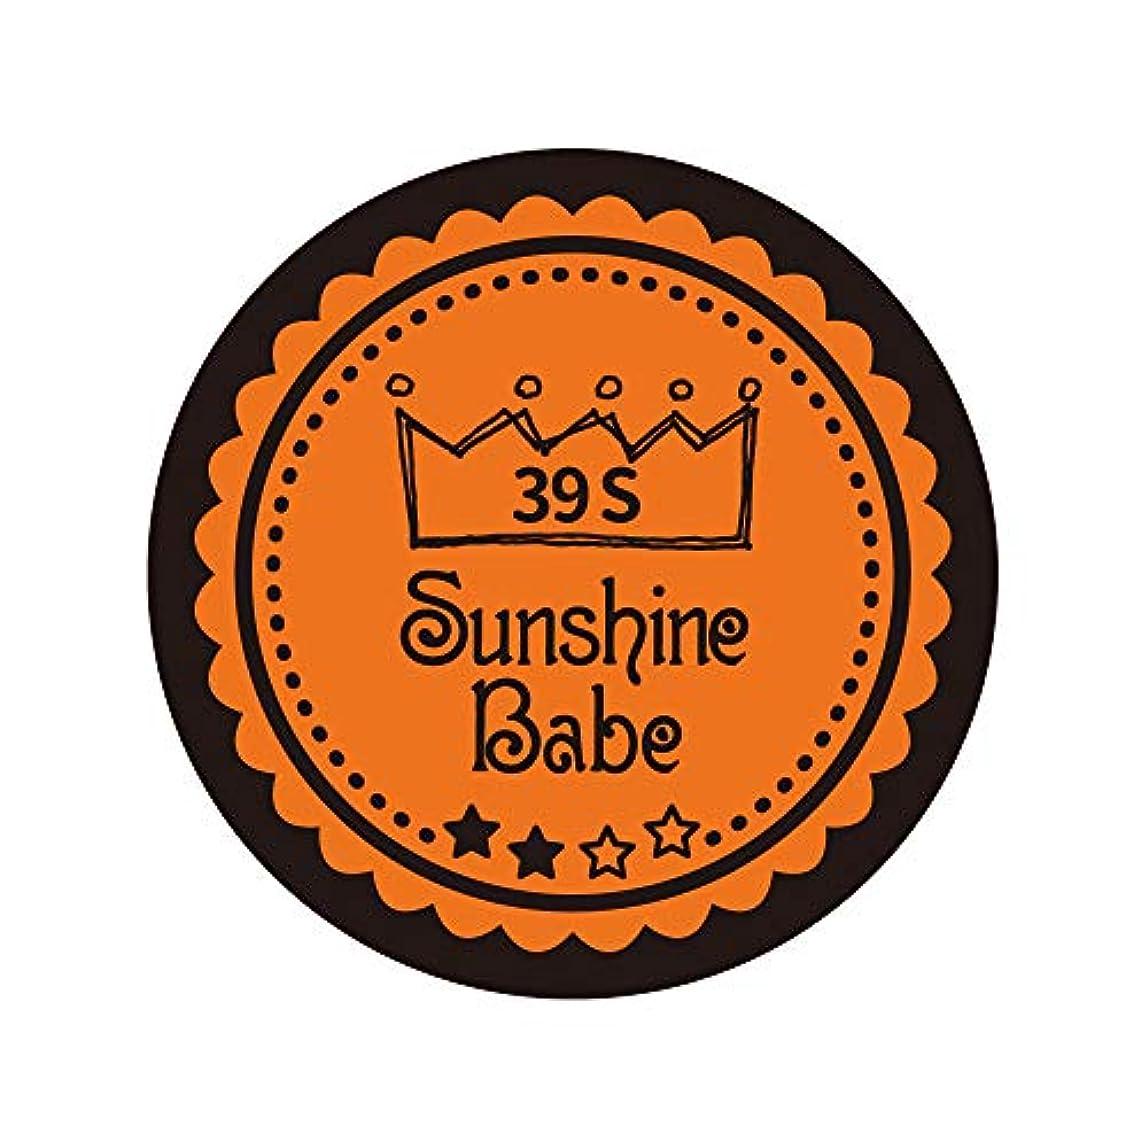 休憩する過激派特権Sunshine Babe カラージェル 39S ラセットオレンジ 2.7g UV/LED対応